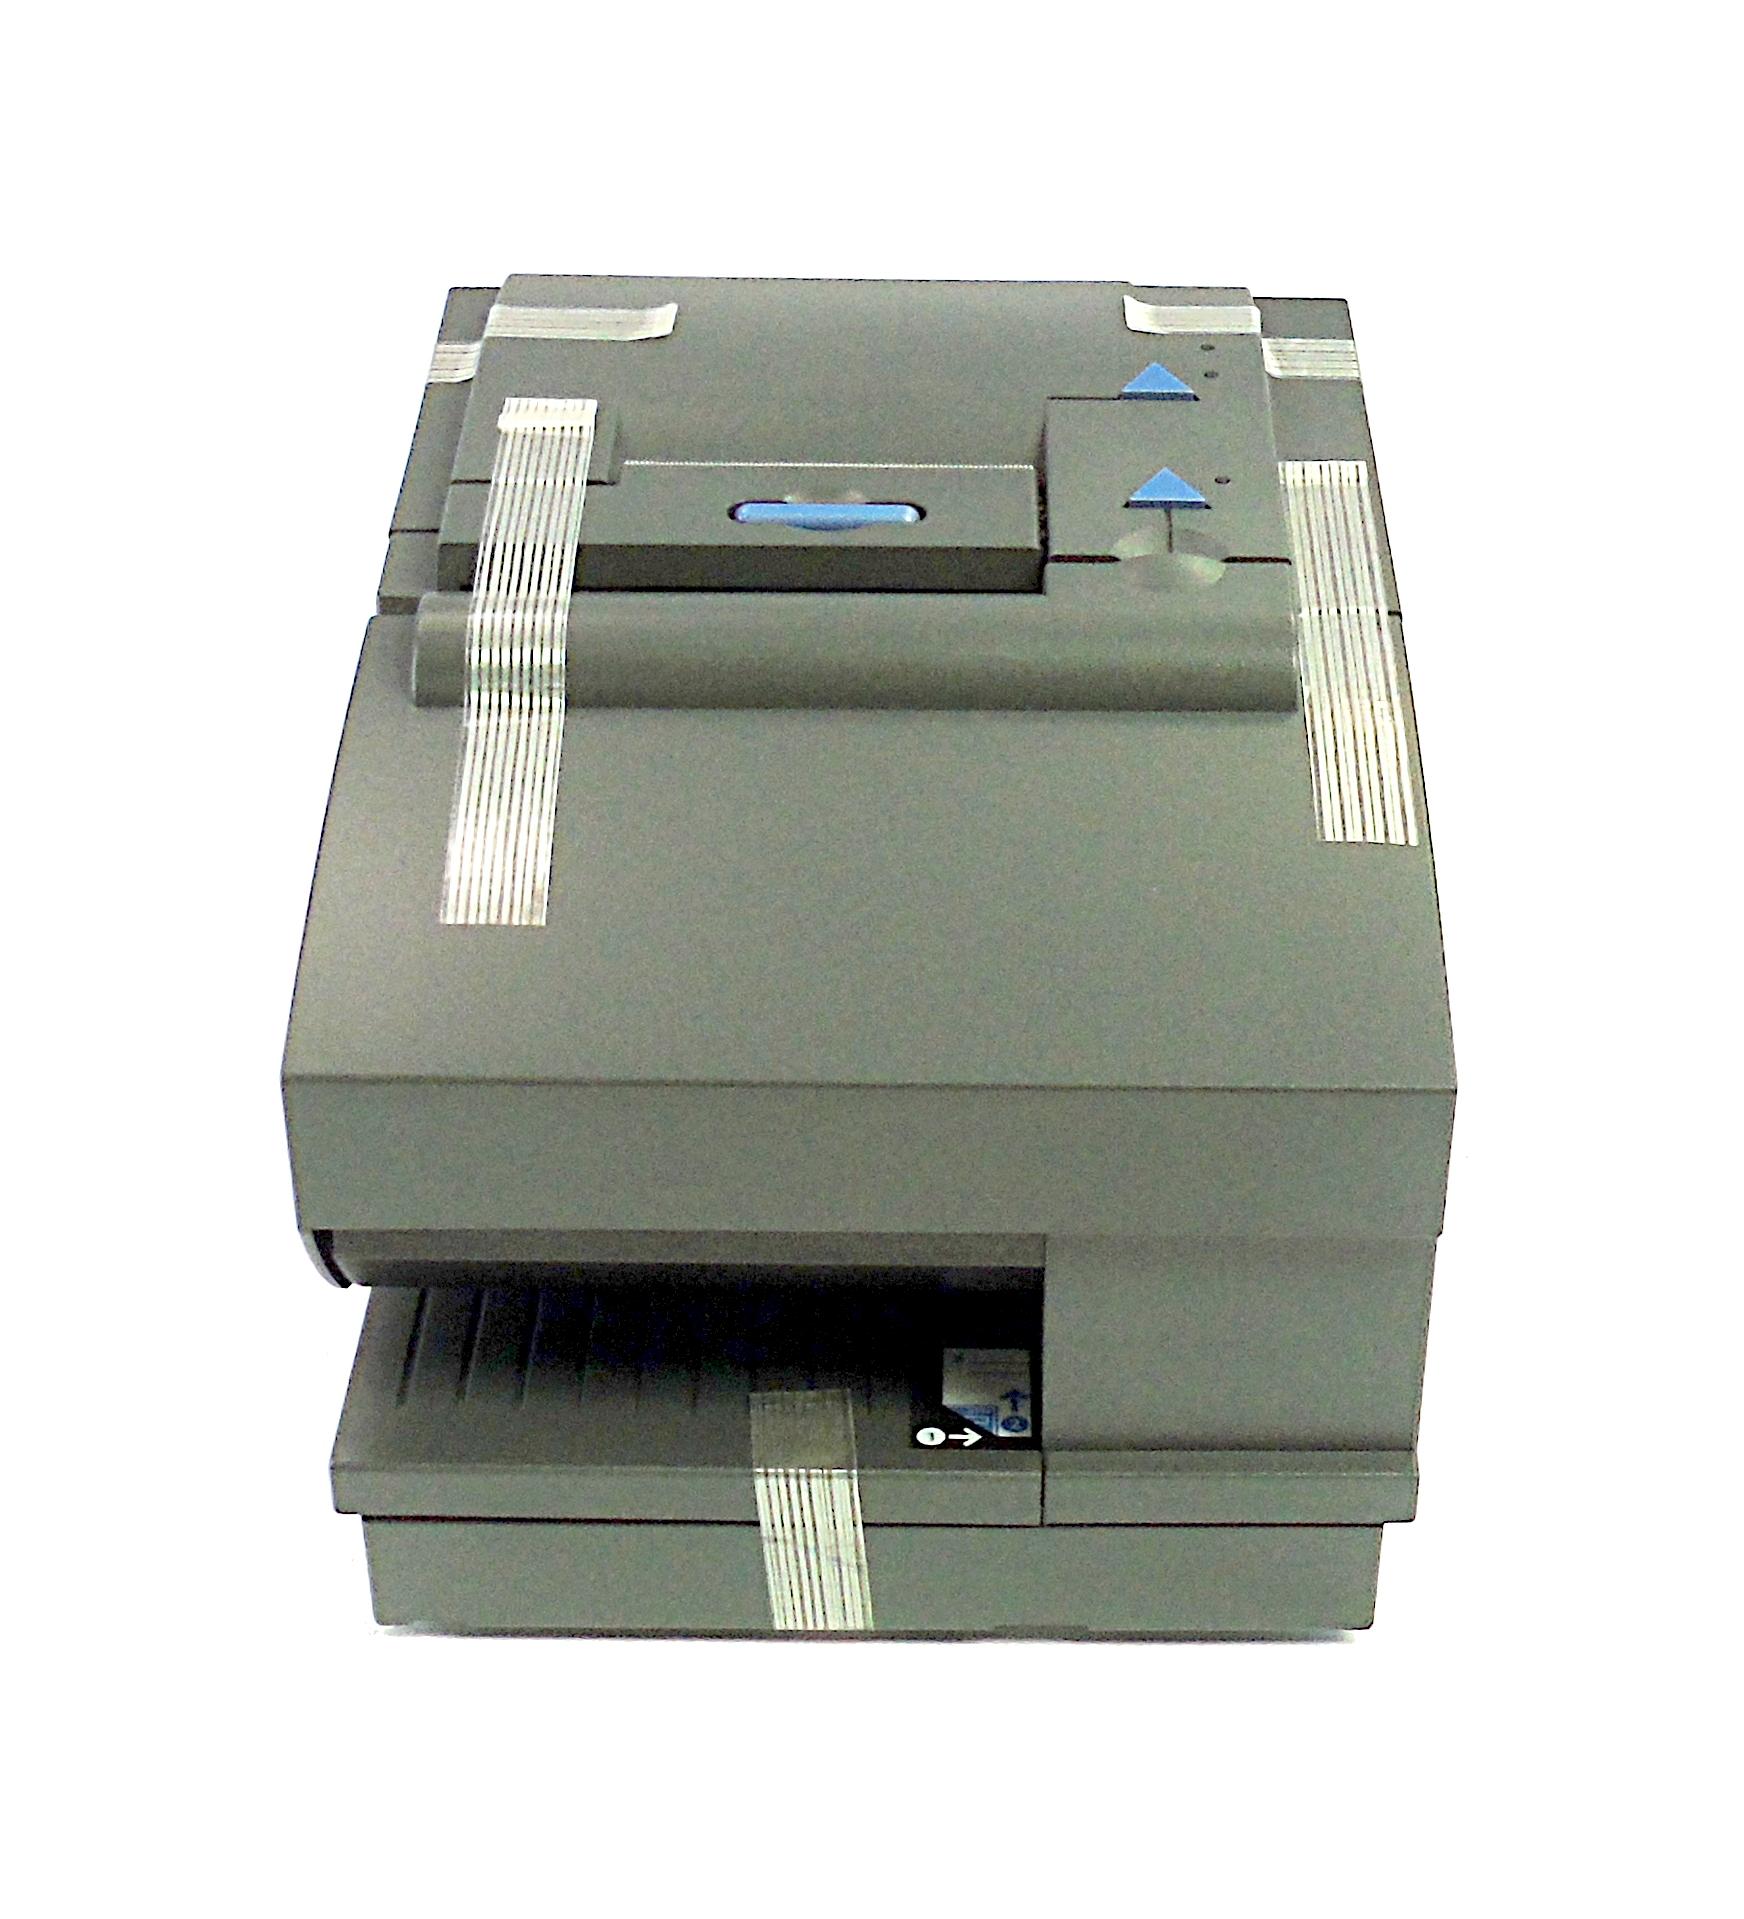 Toshiba 40N7655 46510-2CR Thermal PoS USB Receipt Printer P/N: 80Y3207